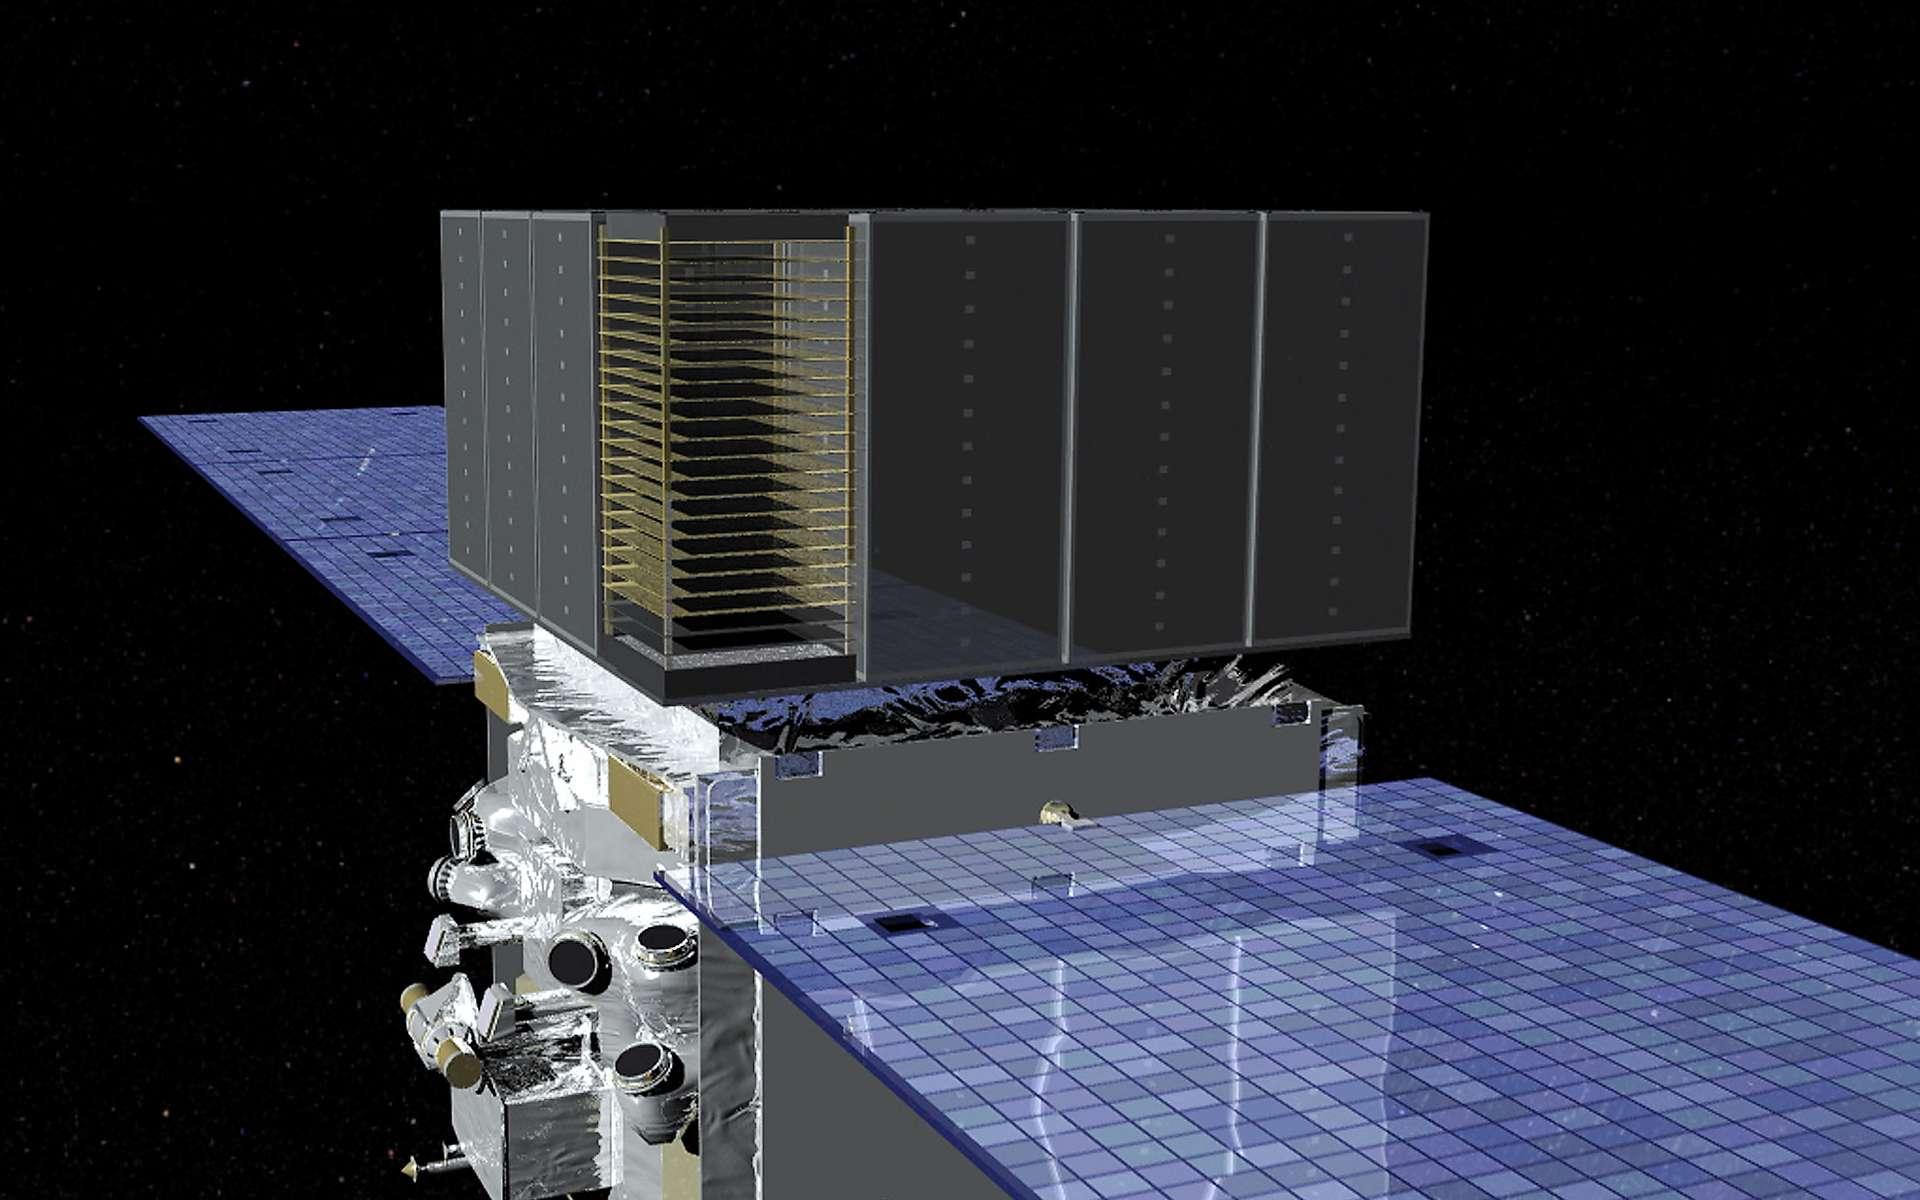 Le Large Area Telescope (LAT) de Fermi (la série de plaques au-dessus des paneaux solaires sur l'illustration) détecte les rayons gamma qui, le traversant, produisent de la matière (électrons) et de l'antimatière (positrons) après avoir heurter des couches de tungstène. Crédit : Nasa/Goddard Space Flight Center Conceptual Image Lab